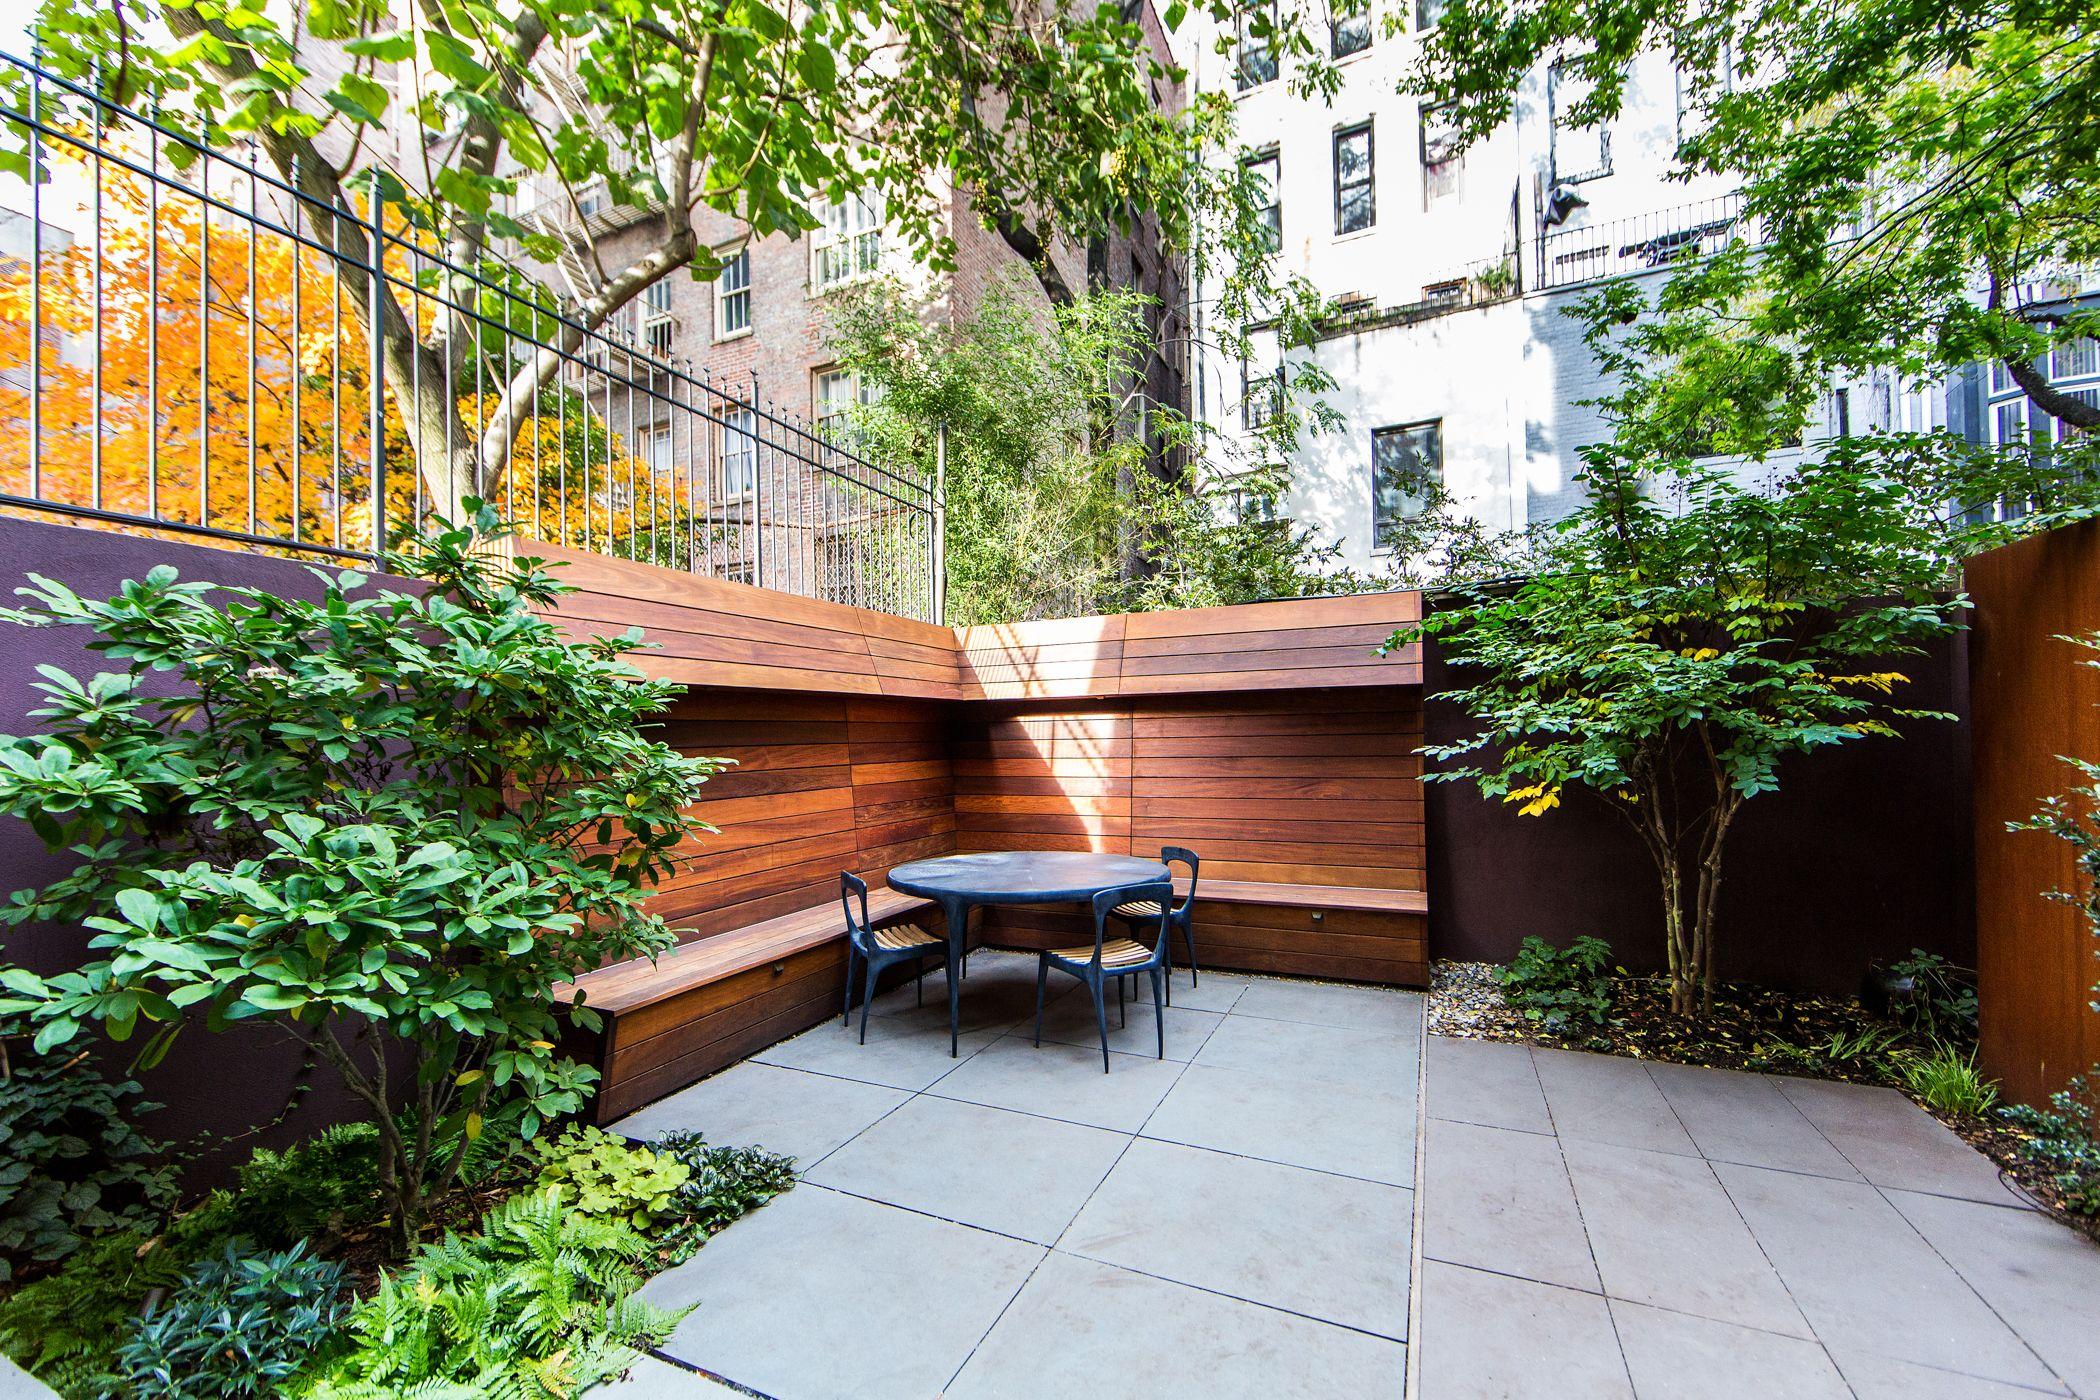 West 87th Street Garden